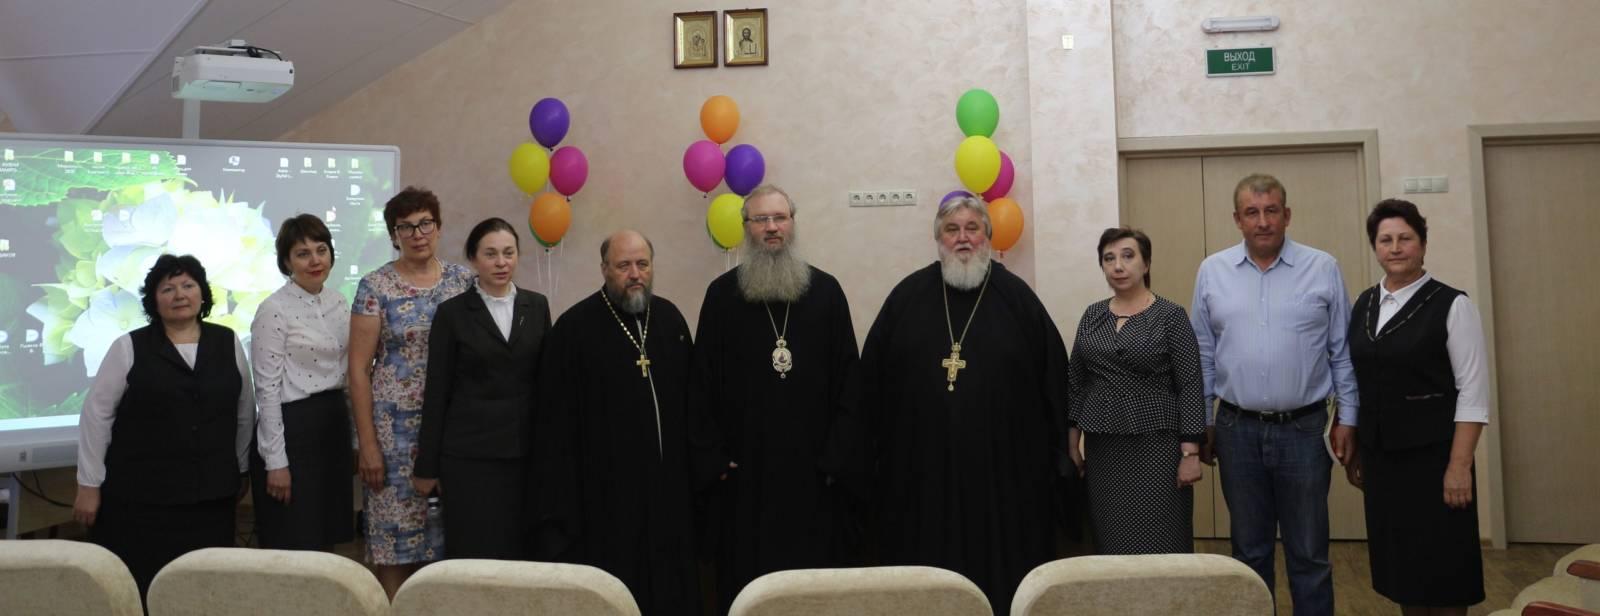 Епископ Елисей посетил православную гимназию в г. Фролово.